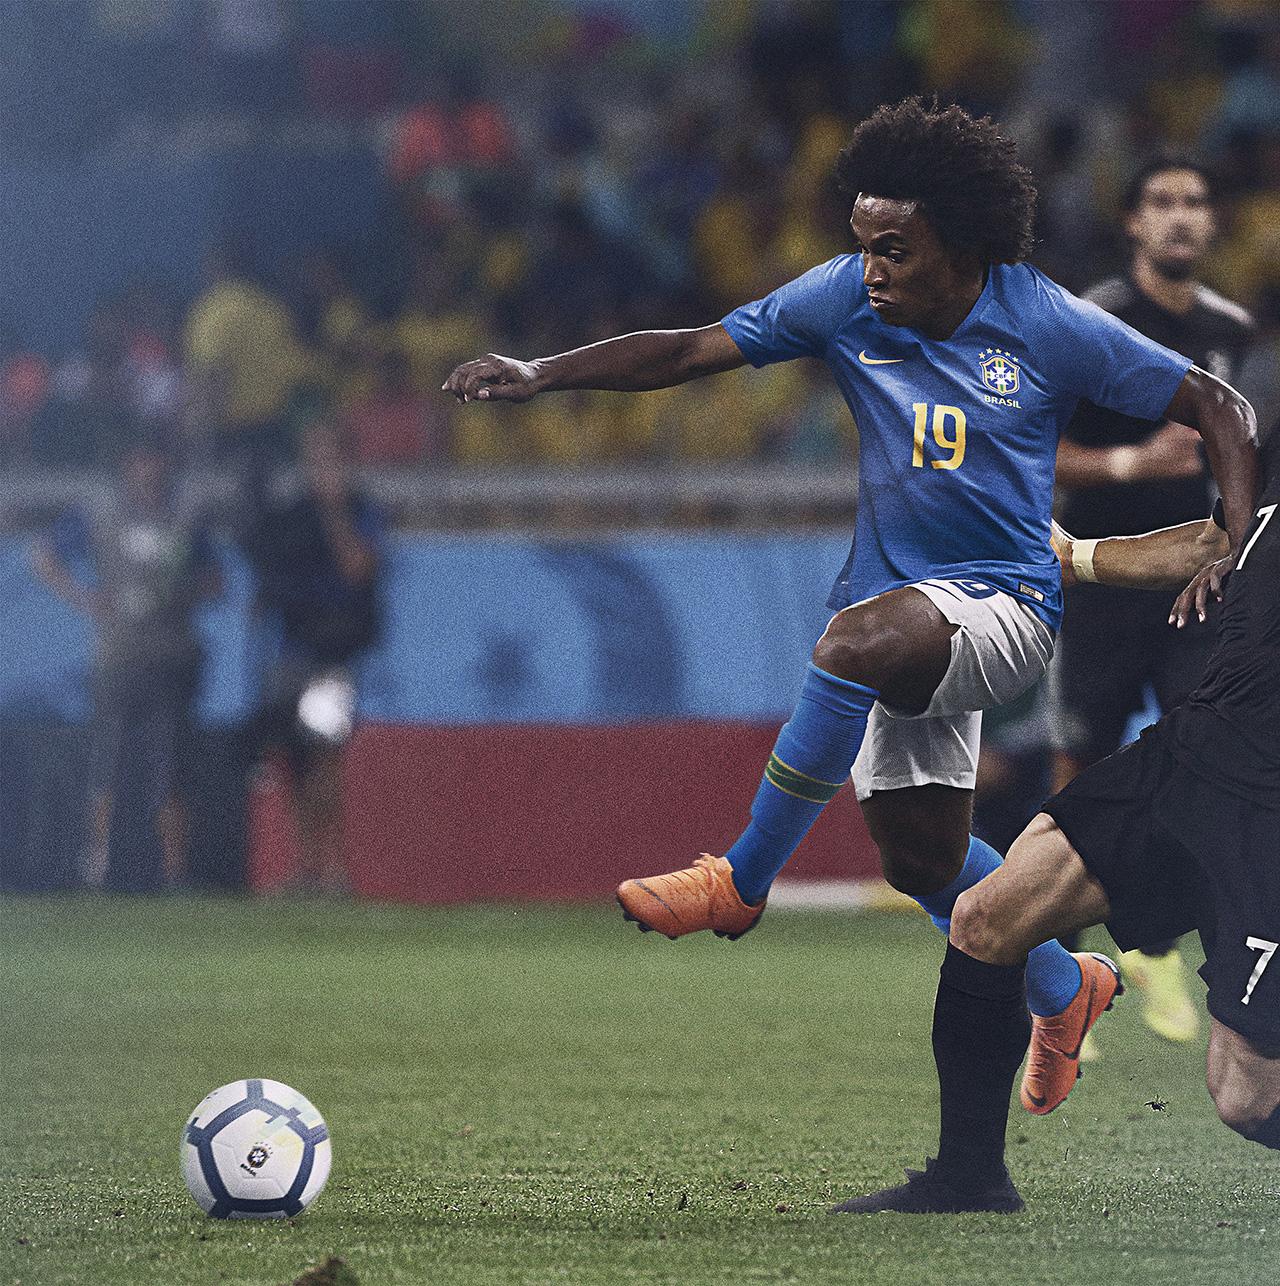 Bresil 2018 maillot de foot exterieur coupe du monde